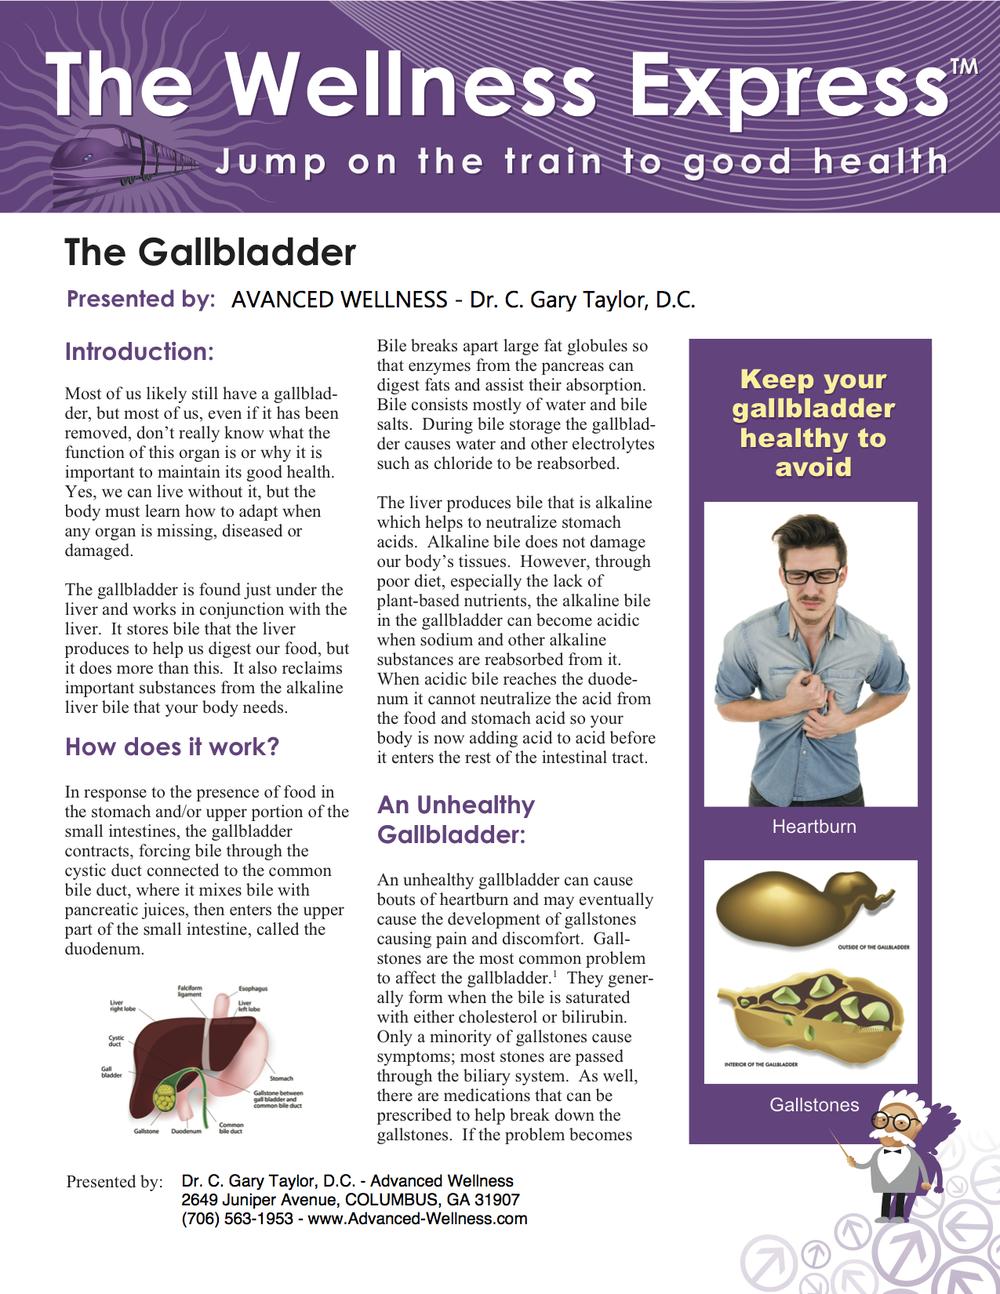 WEX 2015-07-03 The Gallbladder.jpg